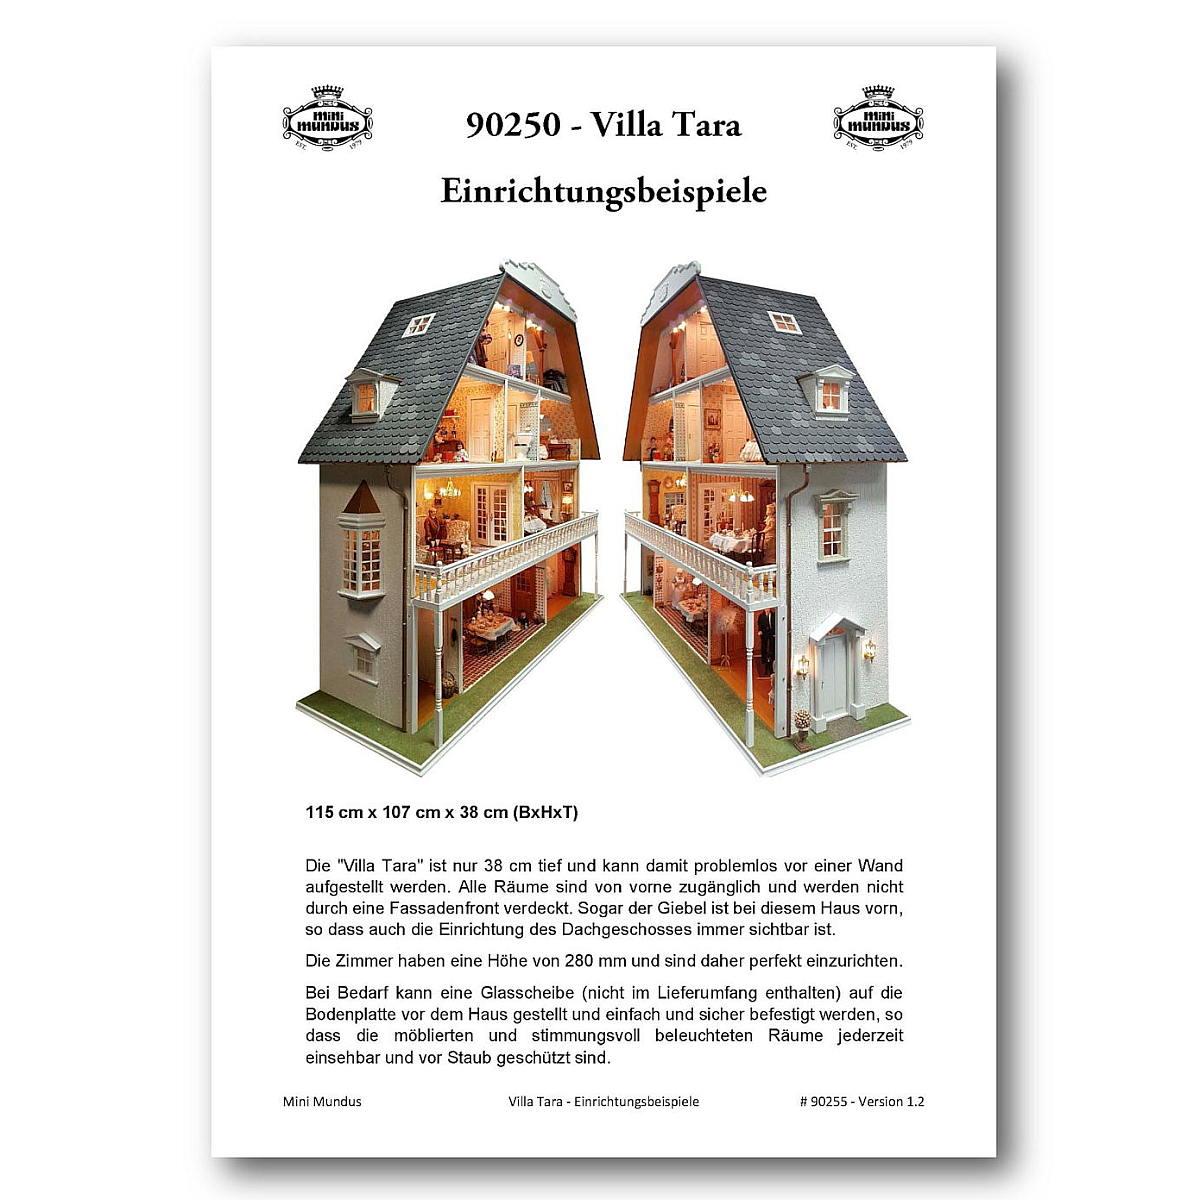 Villa Tara - Einrichtungsbeispiele